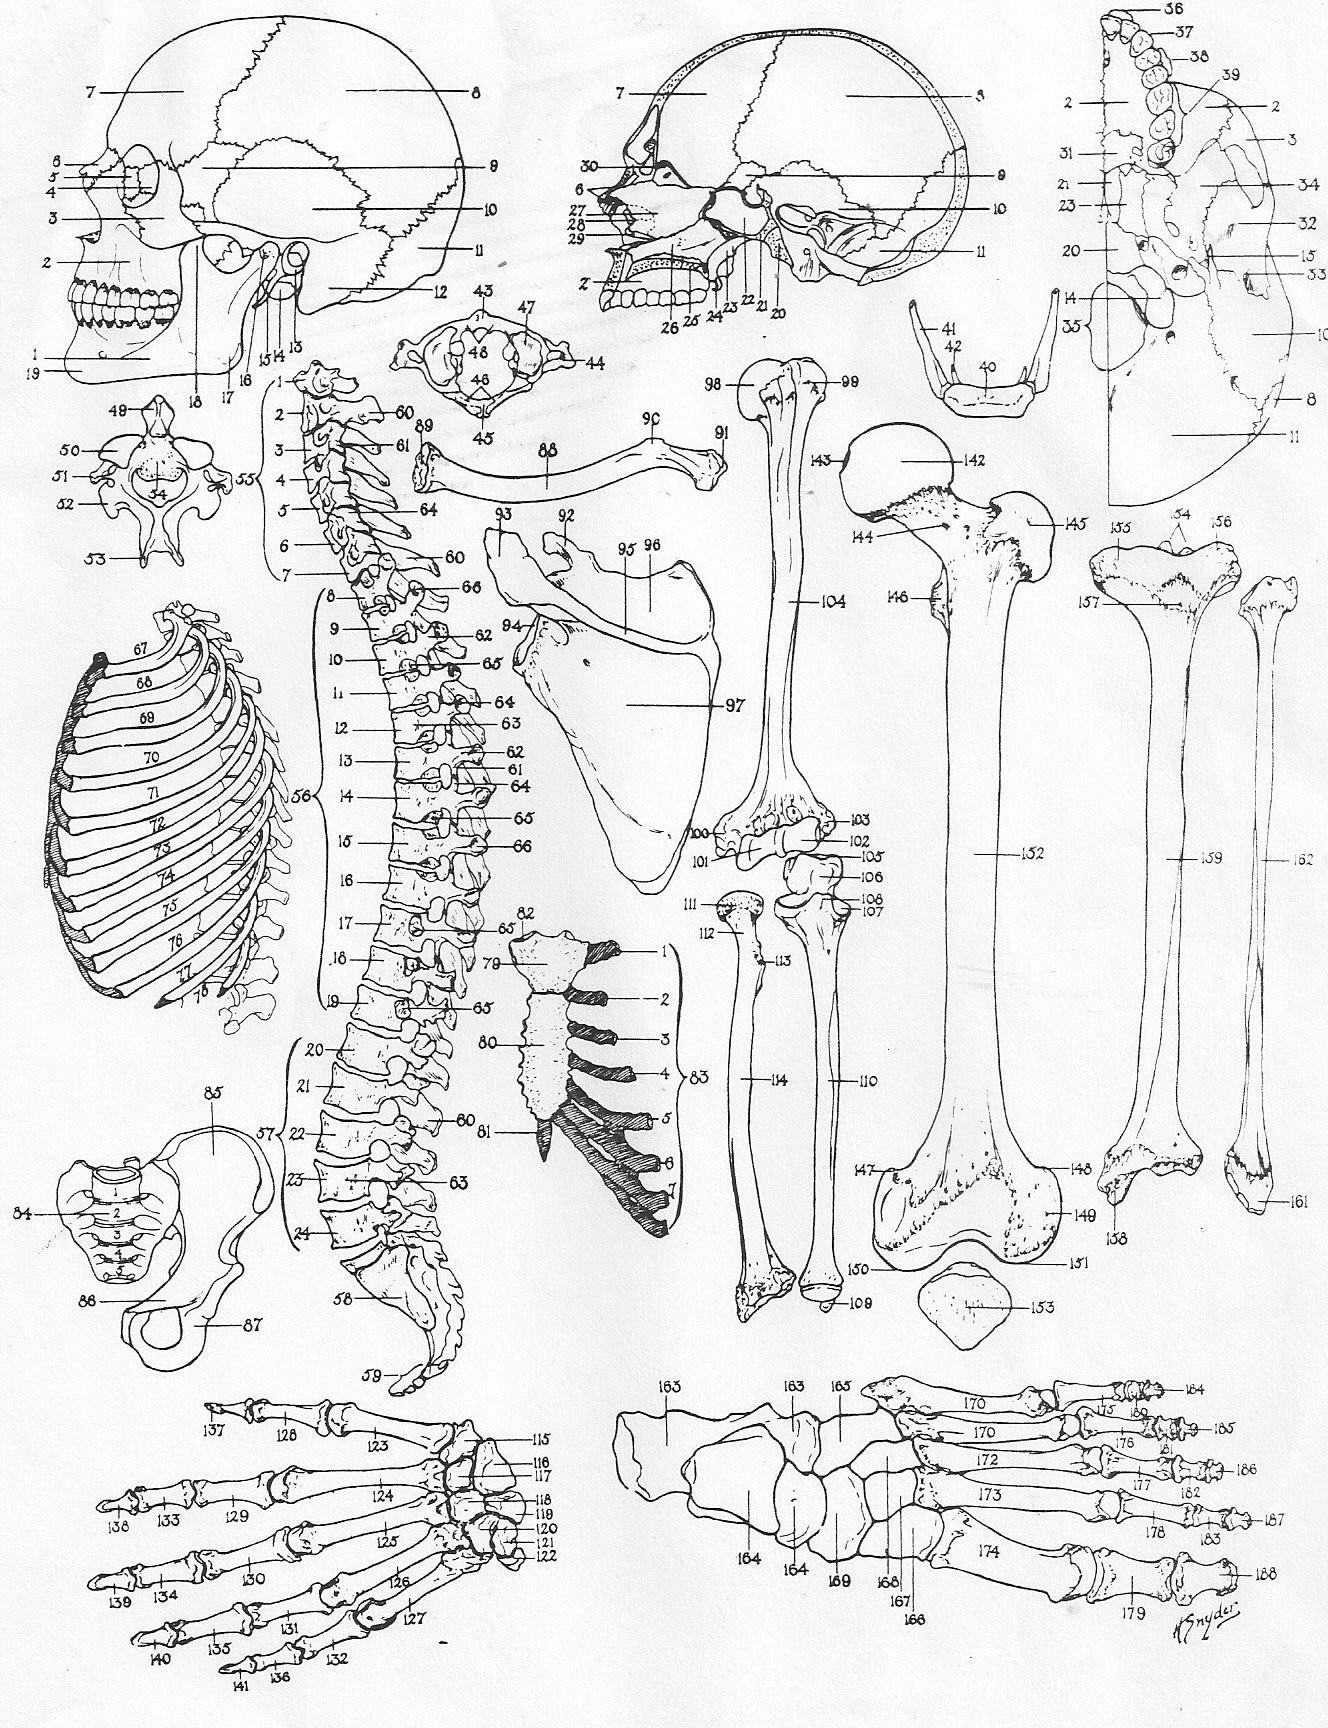 Printable Anatomy Labeling Worksheets Anatomy Bones Fill In the Blank Worksheet